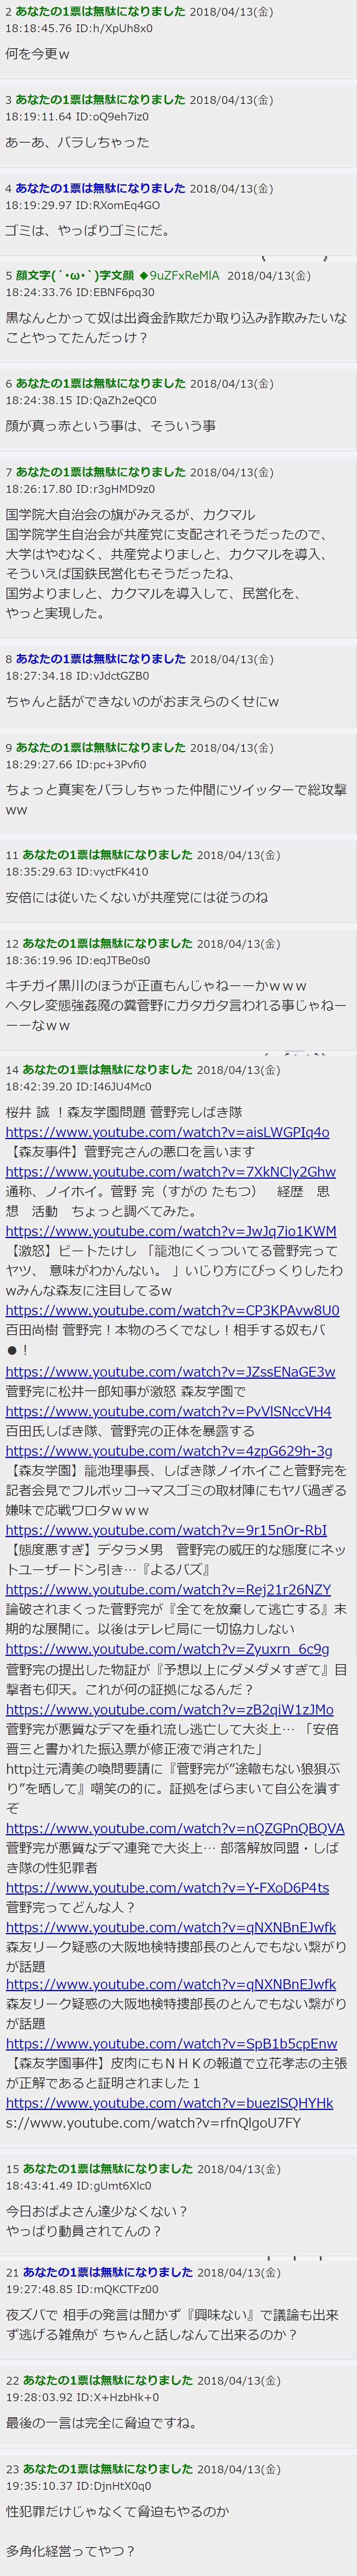 黒川敦彦「デモは政党の動員」ノイホイ菅野完ブチ切れ2 (1)